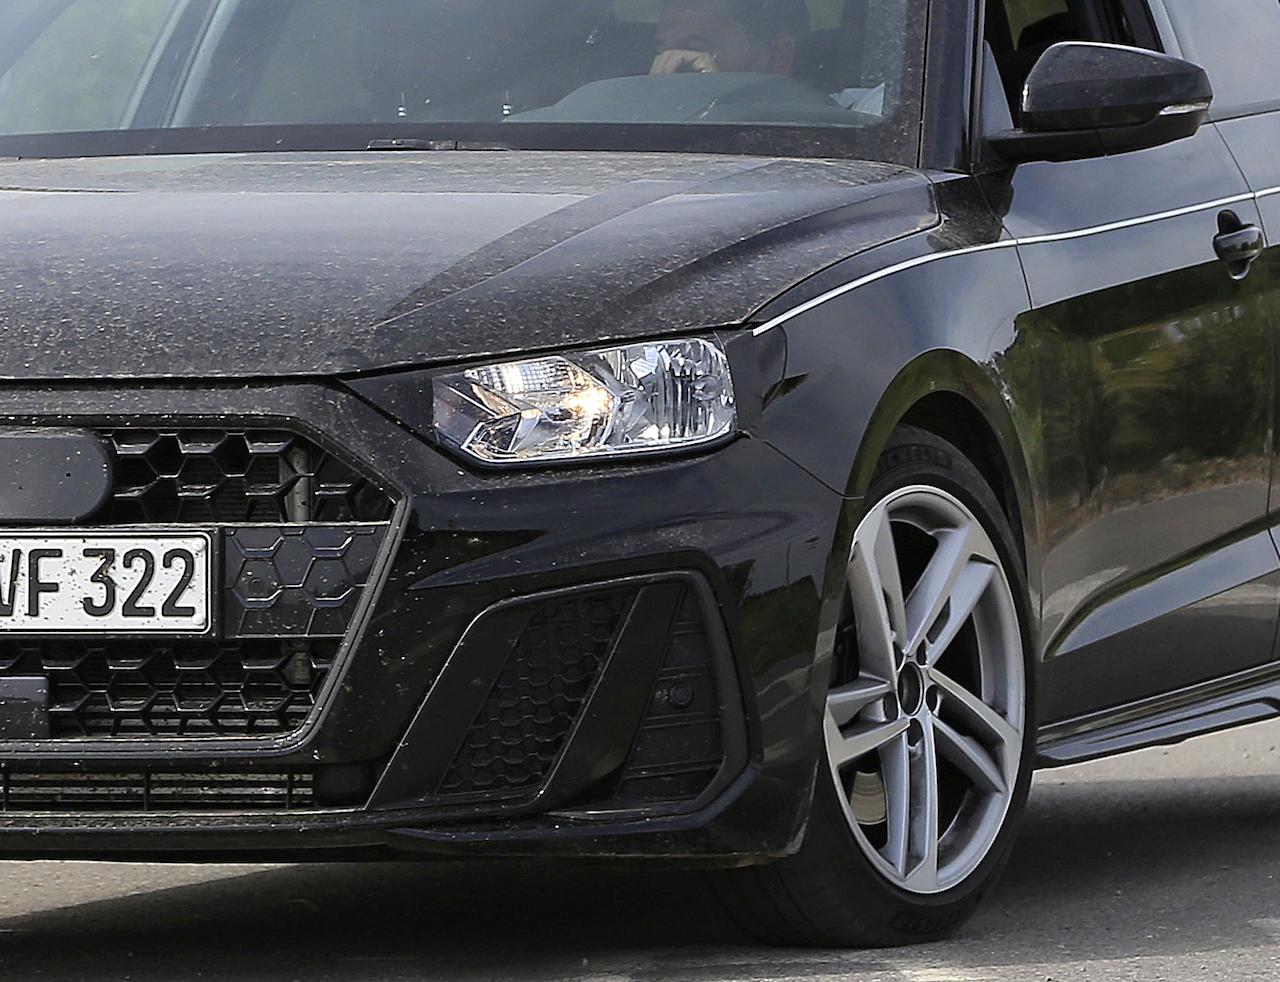 Audi A1 003b